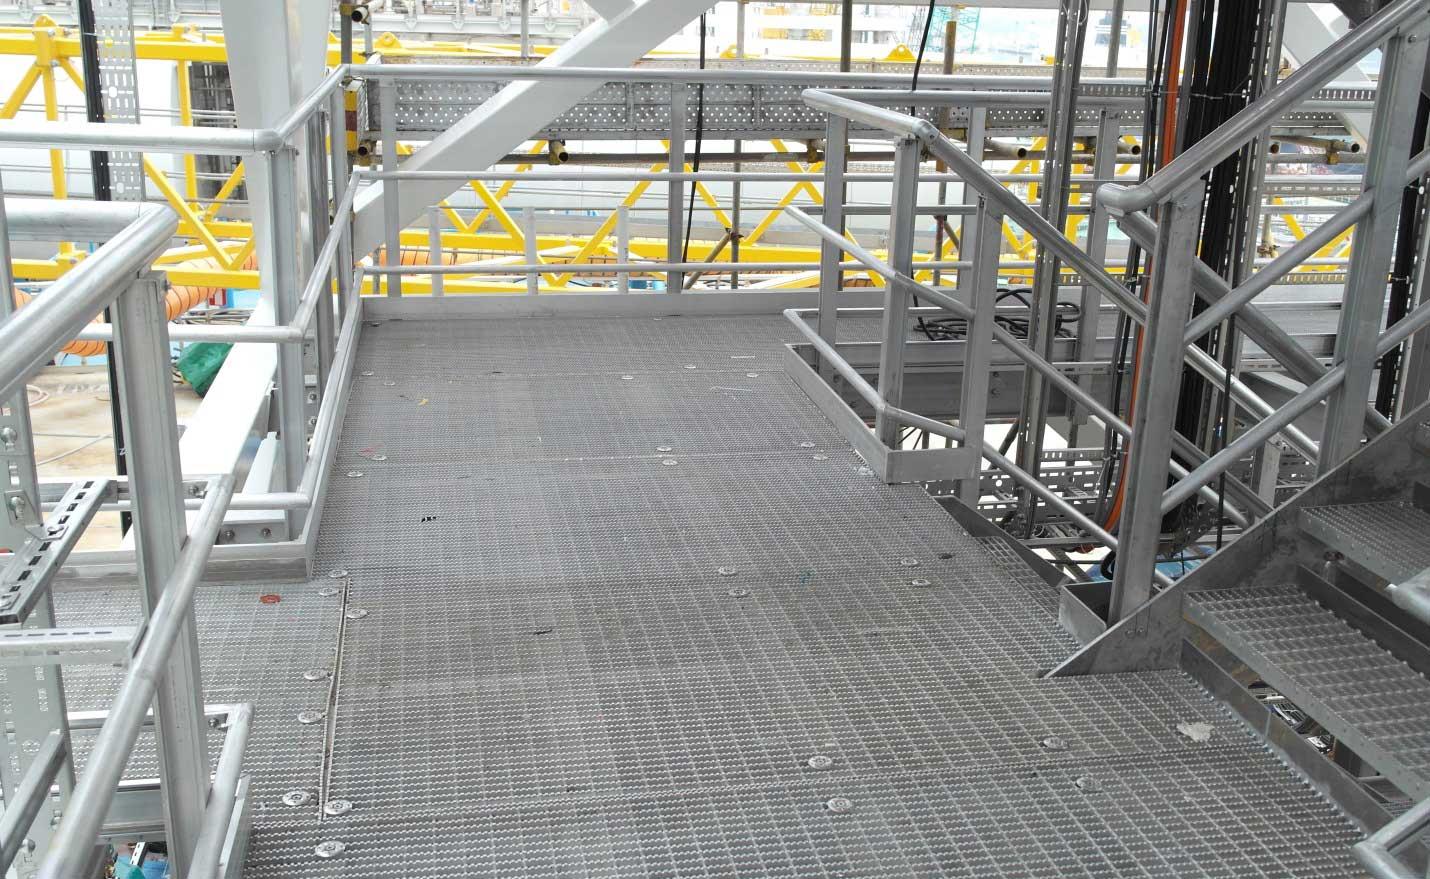 Merlin_Handrail_Walkways4